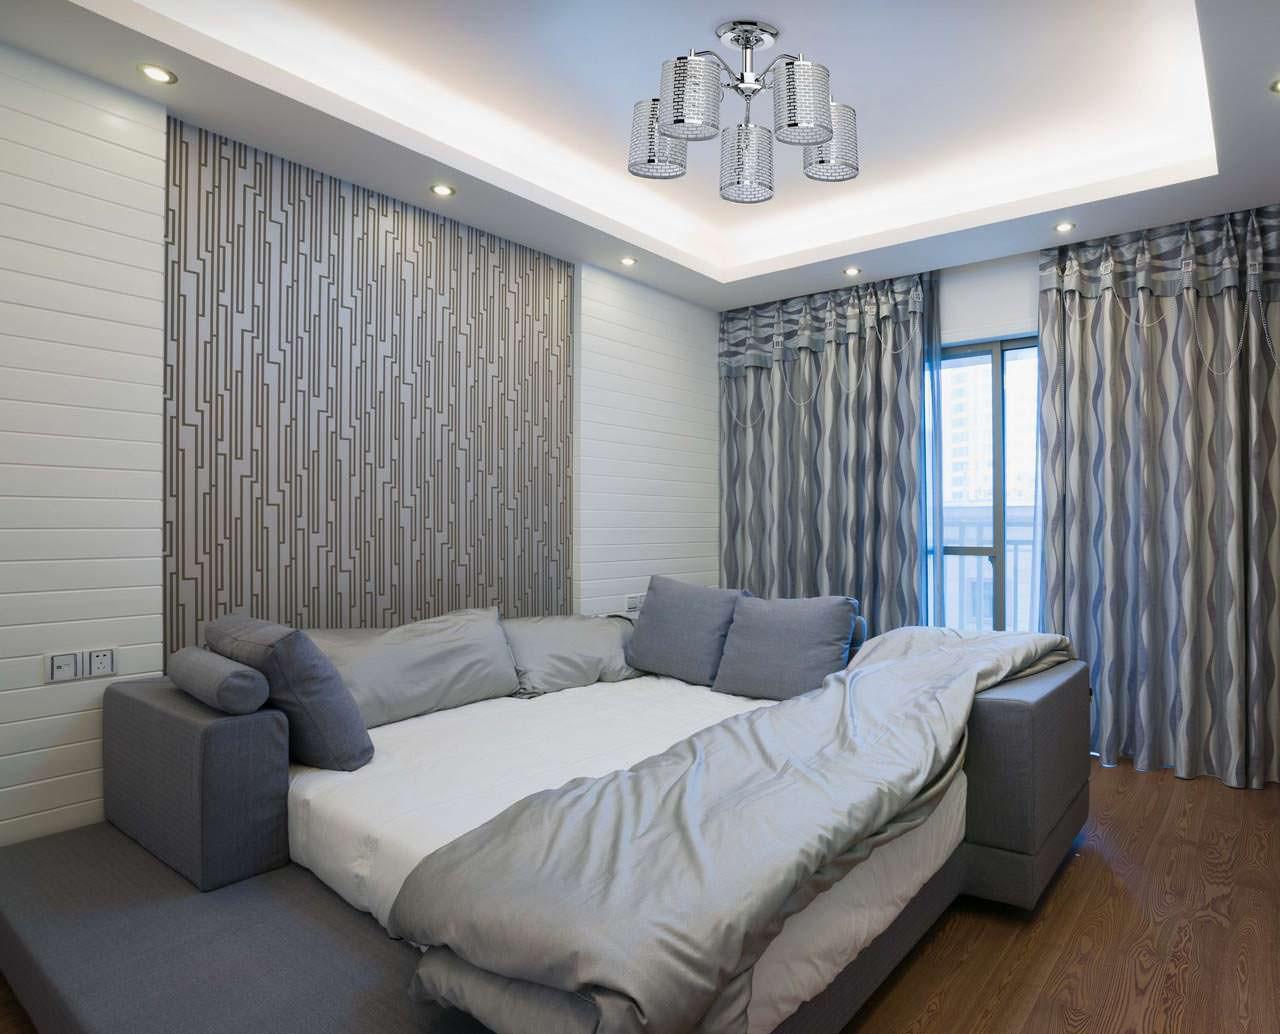 rideaux gris dans la conception de la chambre avec papier peint gris